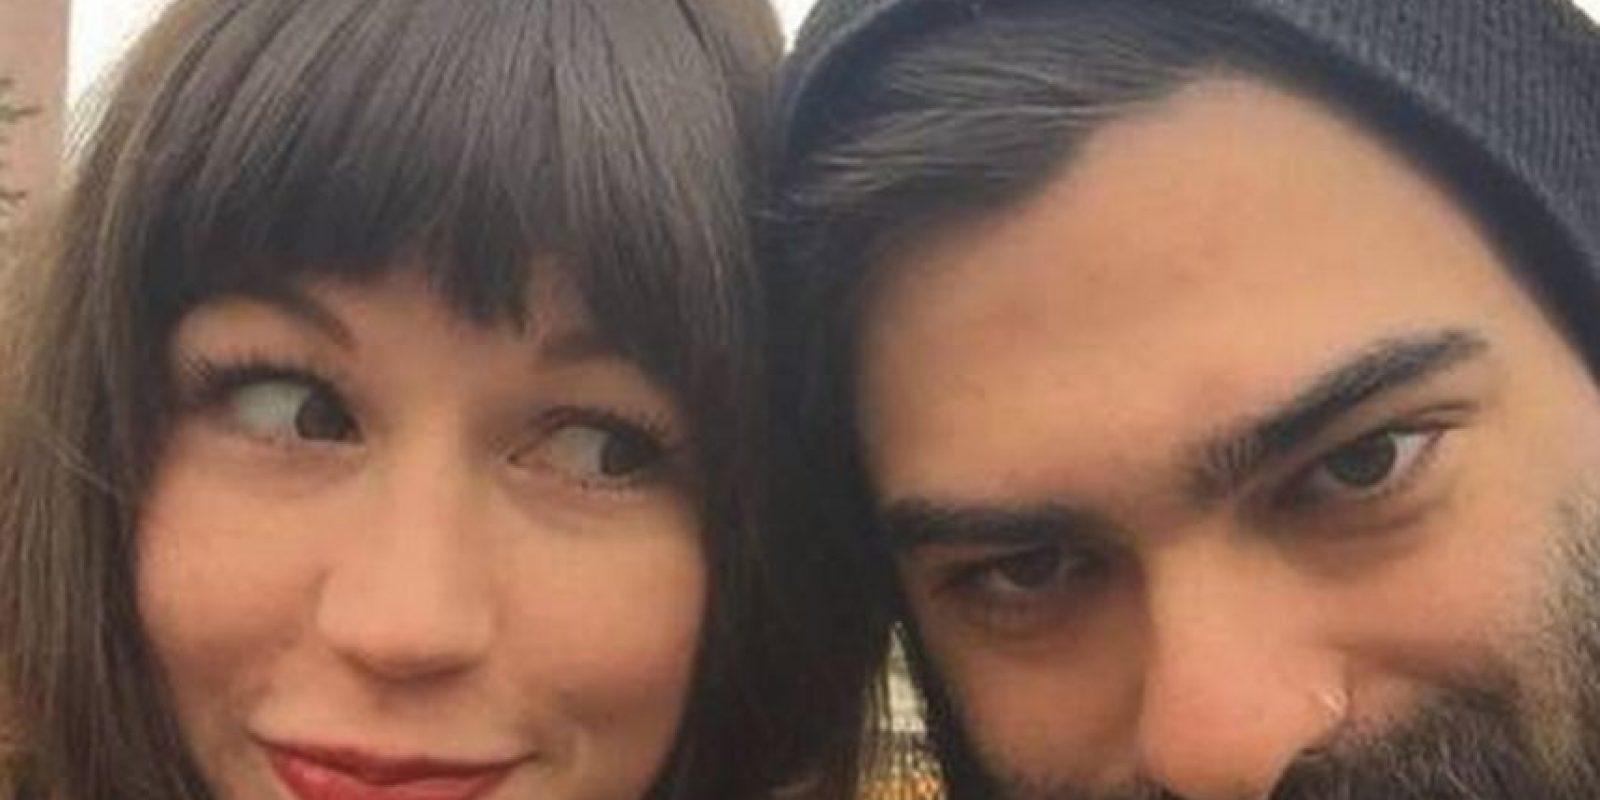 De acuerdo con su relato, ellos encajan perfecto y solo bastaron cinco meses para que se casaran Foto:Facebook/Zoë Wescott